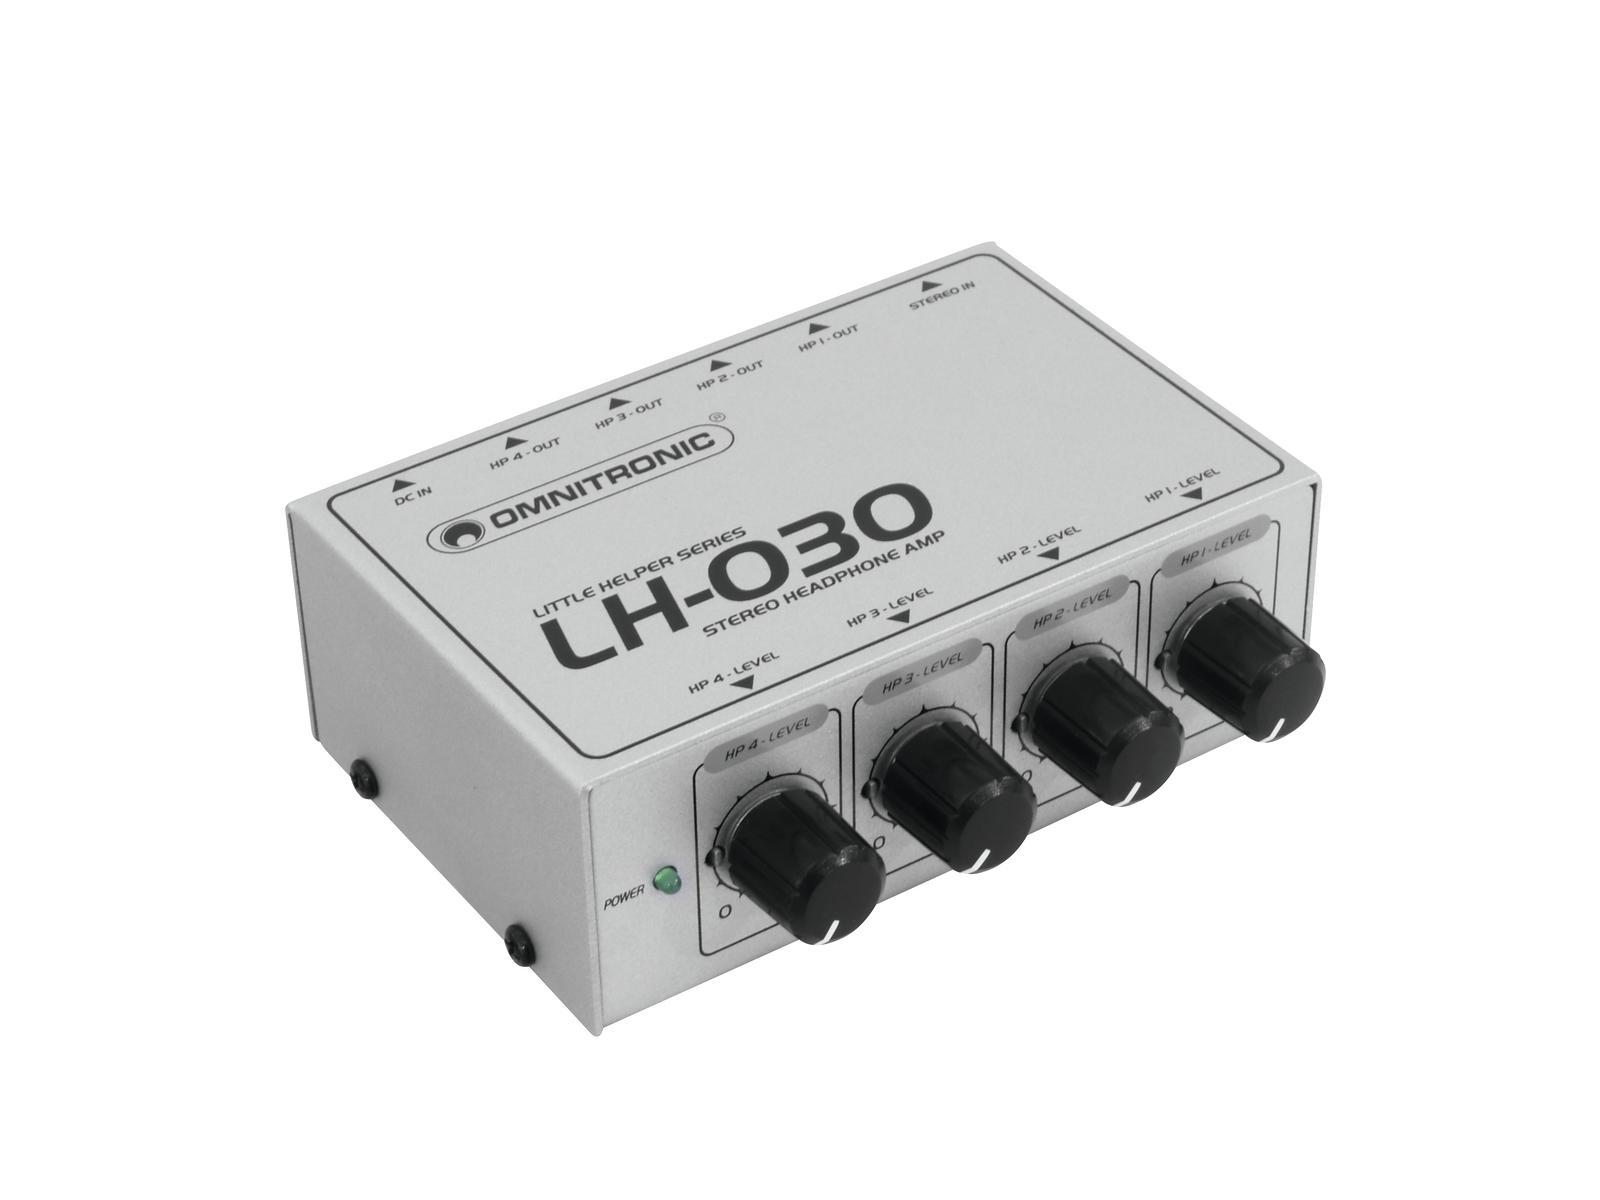 Hovedtelefon forstærker LH-030